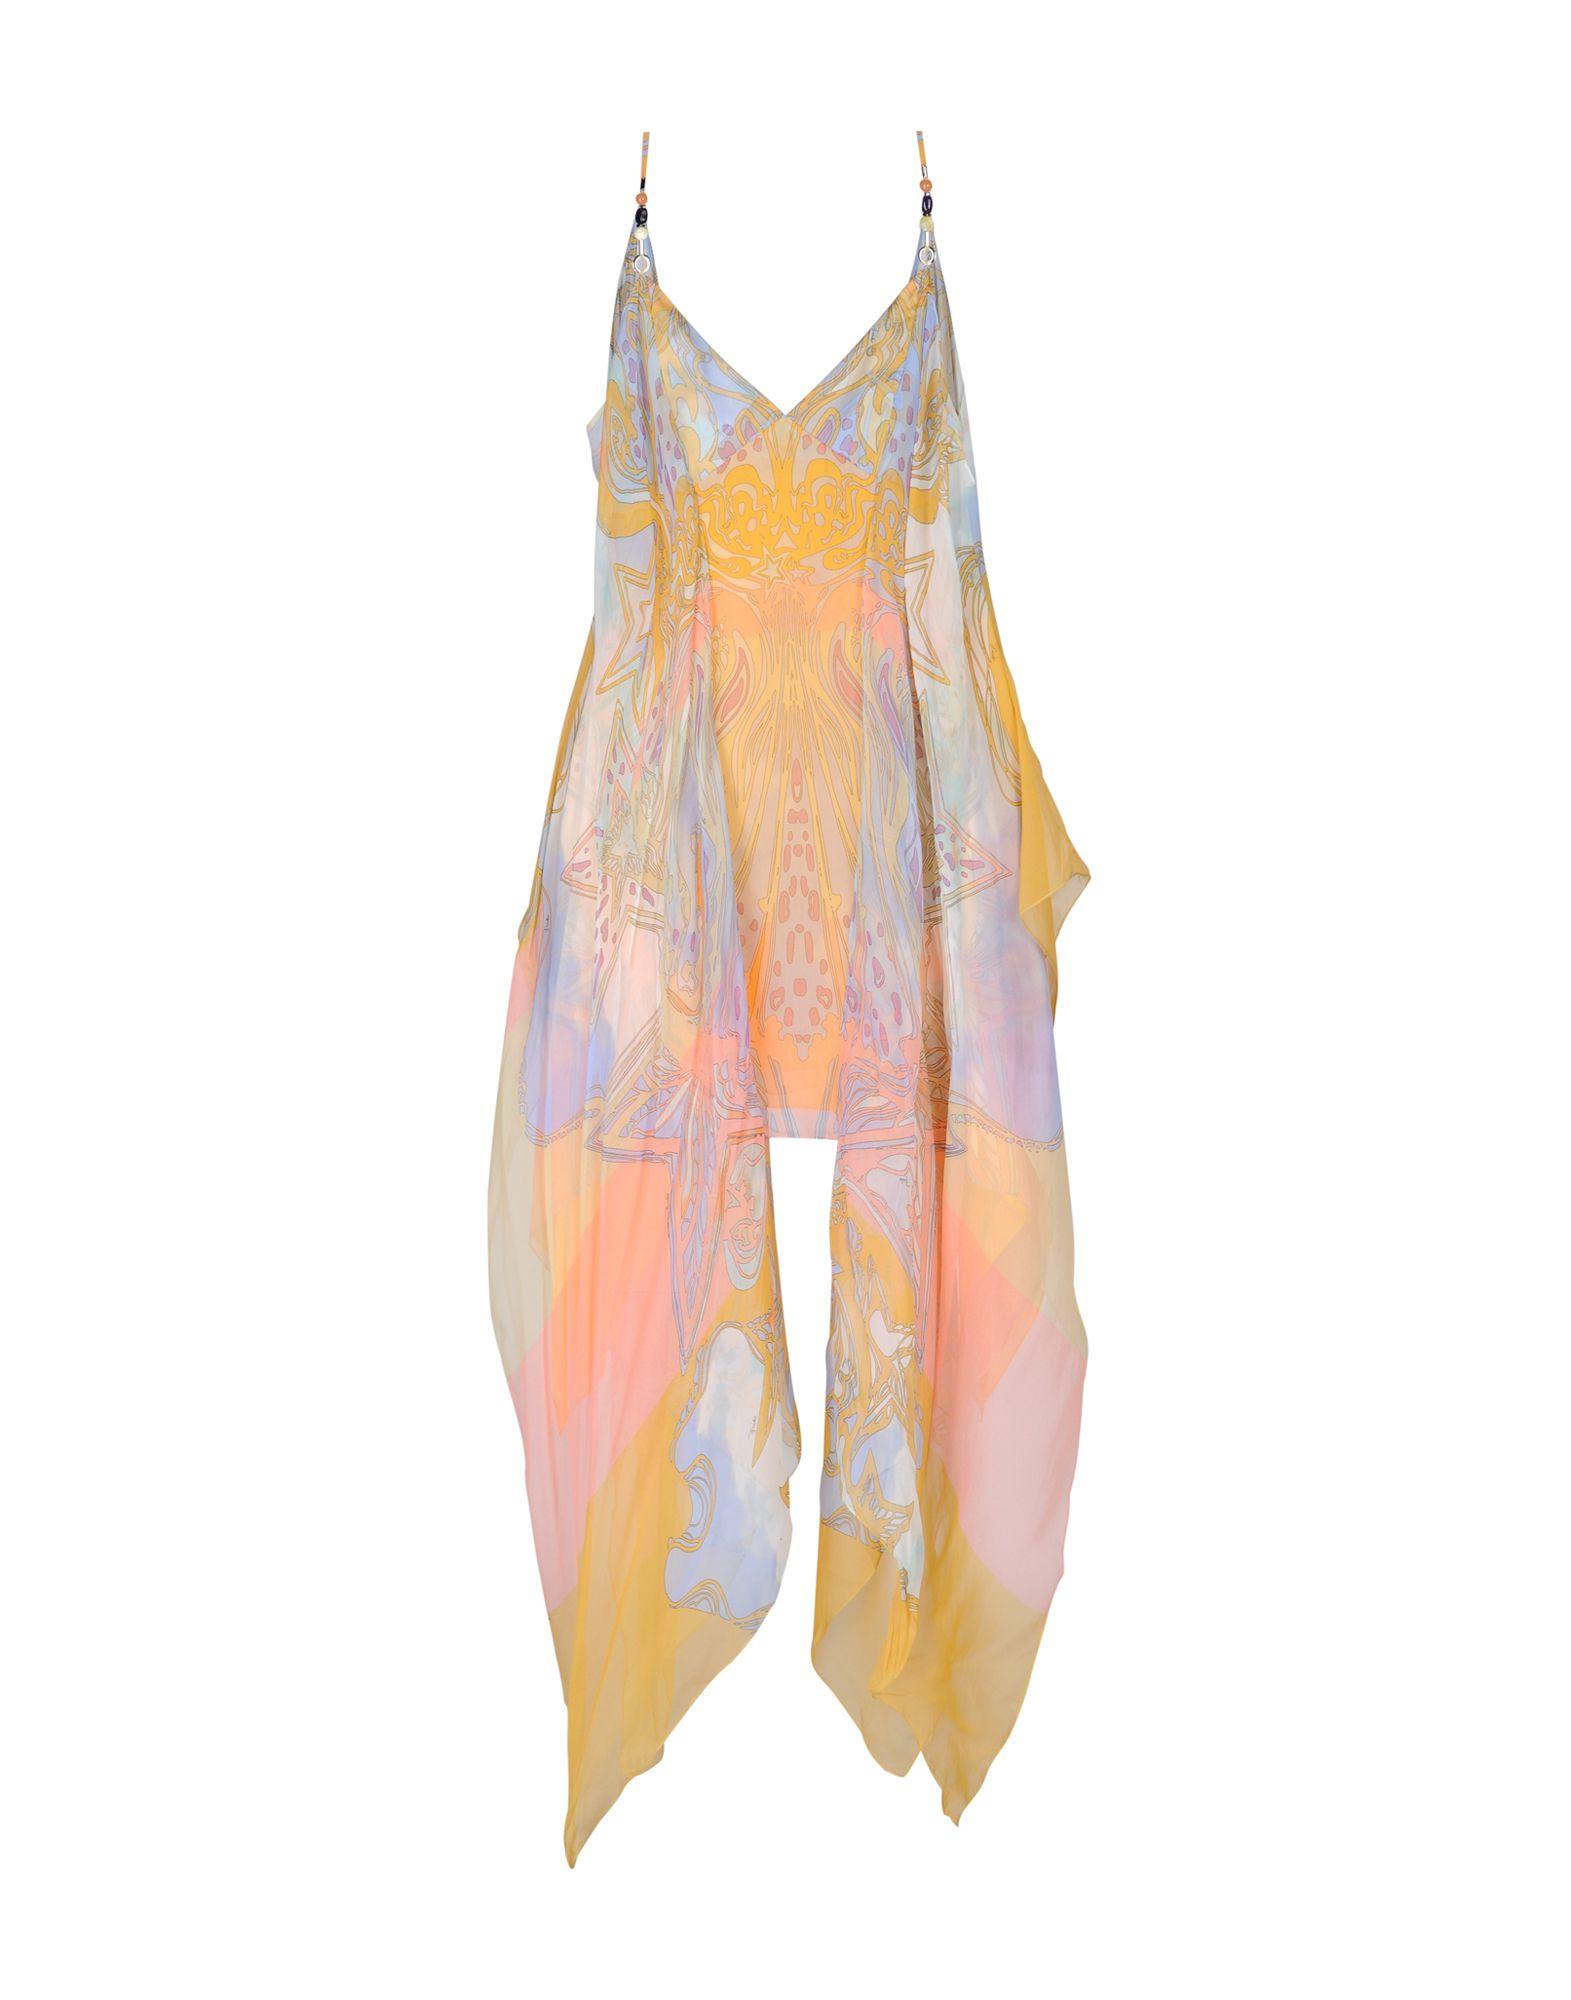 EMILIO PUCCI Платье длиной 3/4 platinor platinor 50200 221